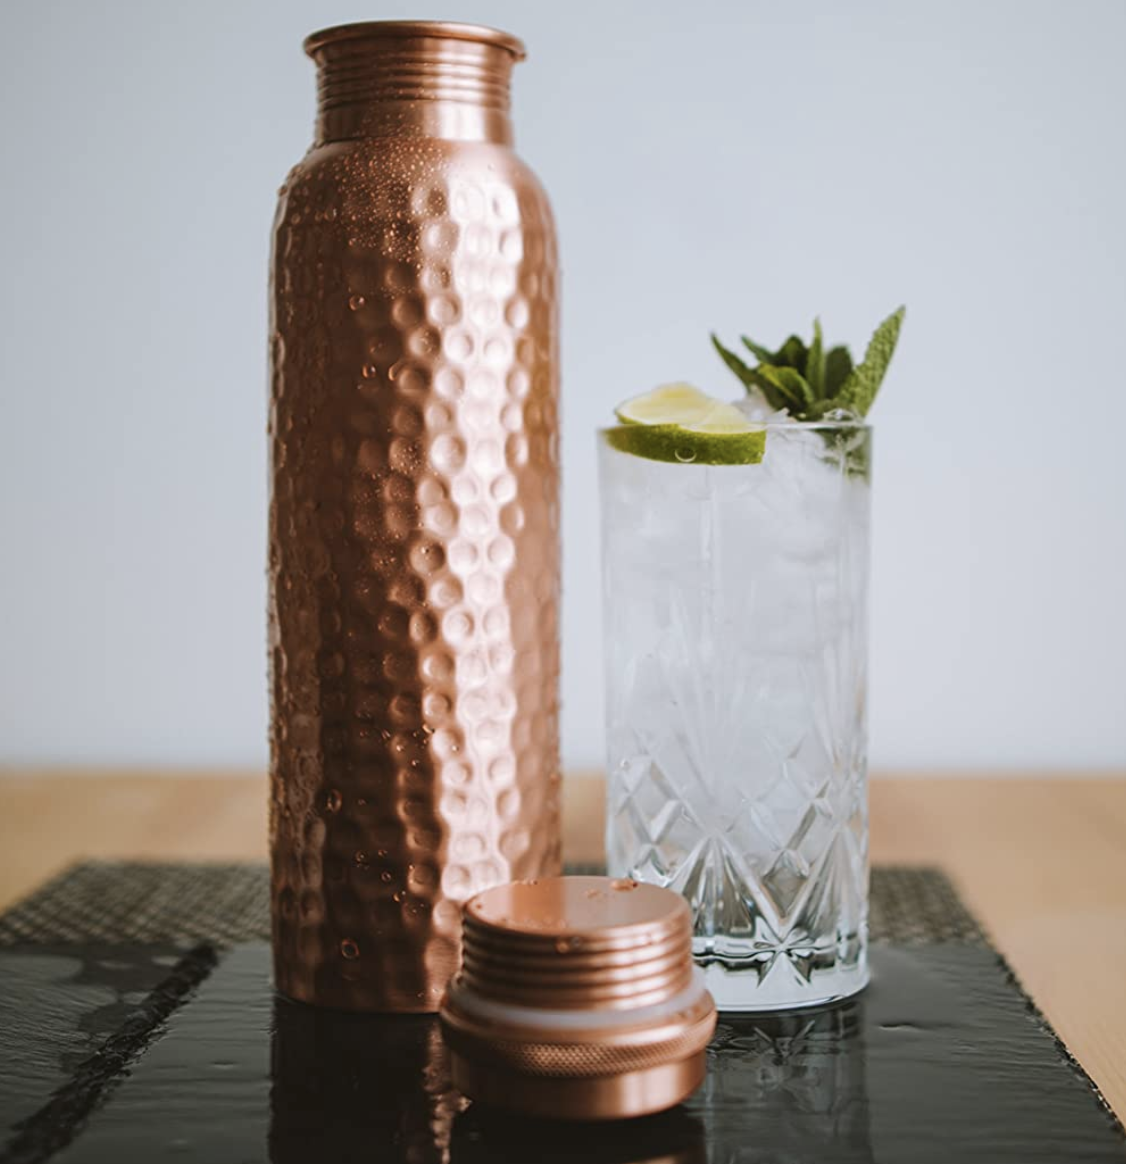 Kosdeg Hammered Copper Water Bottle 34 Oz